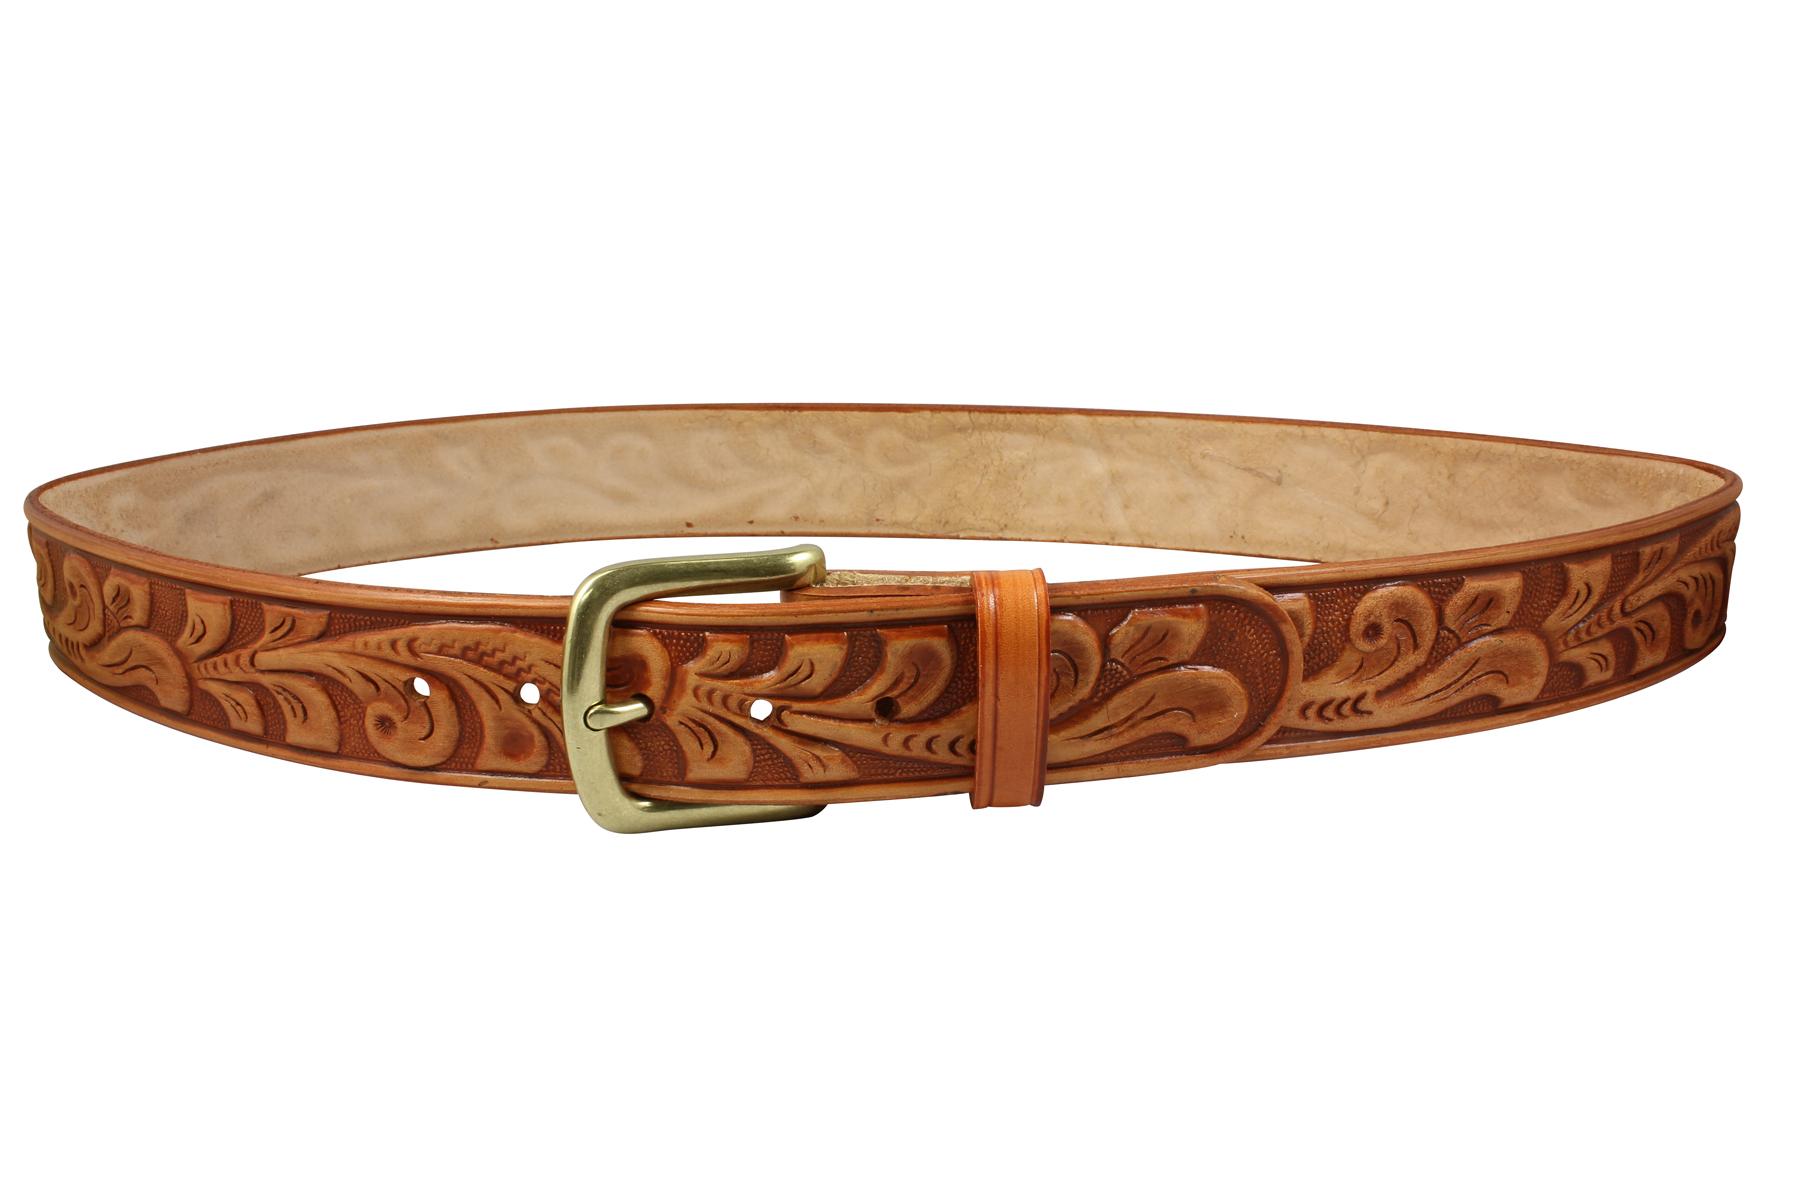 Embossed leather oakleaf pattern. Belt clipart dog